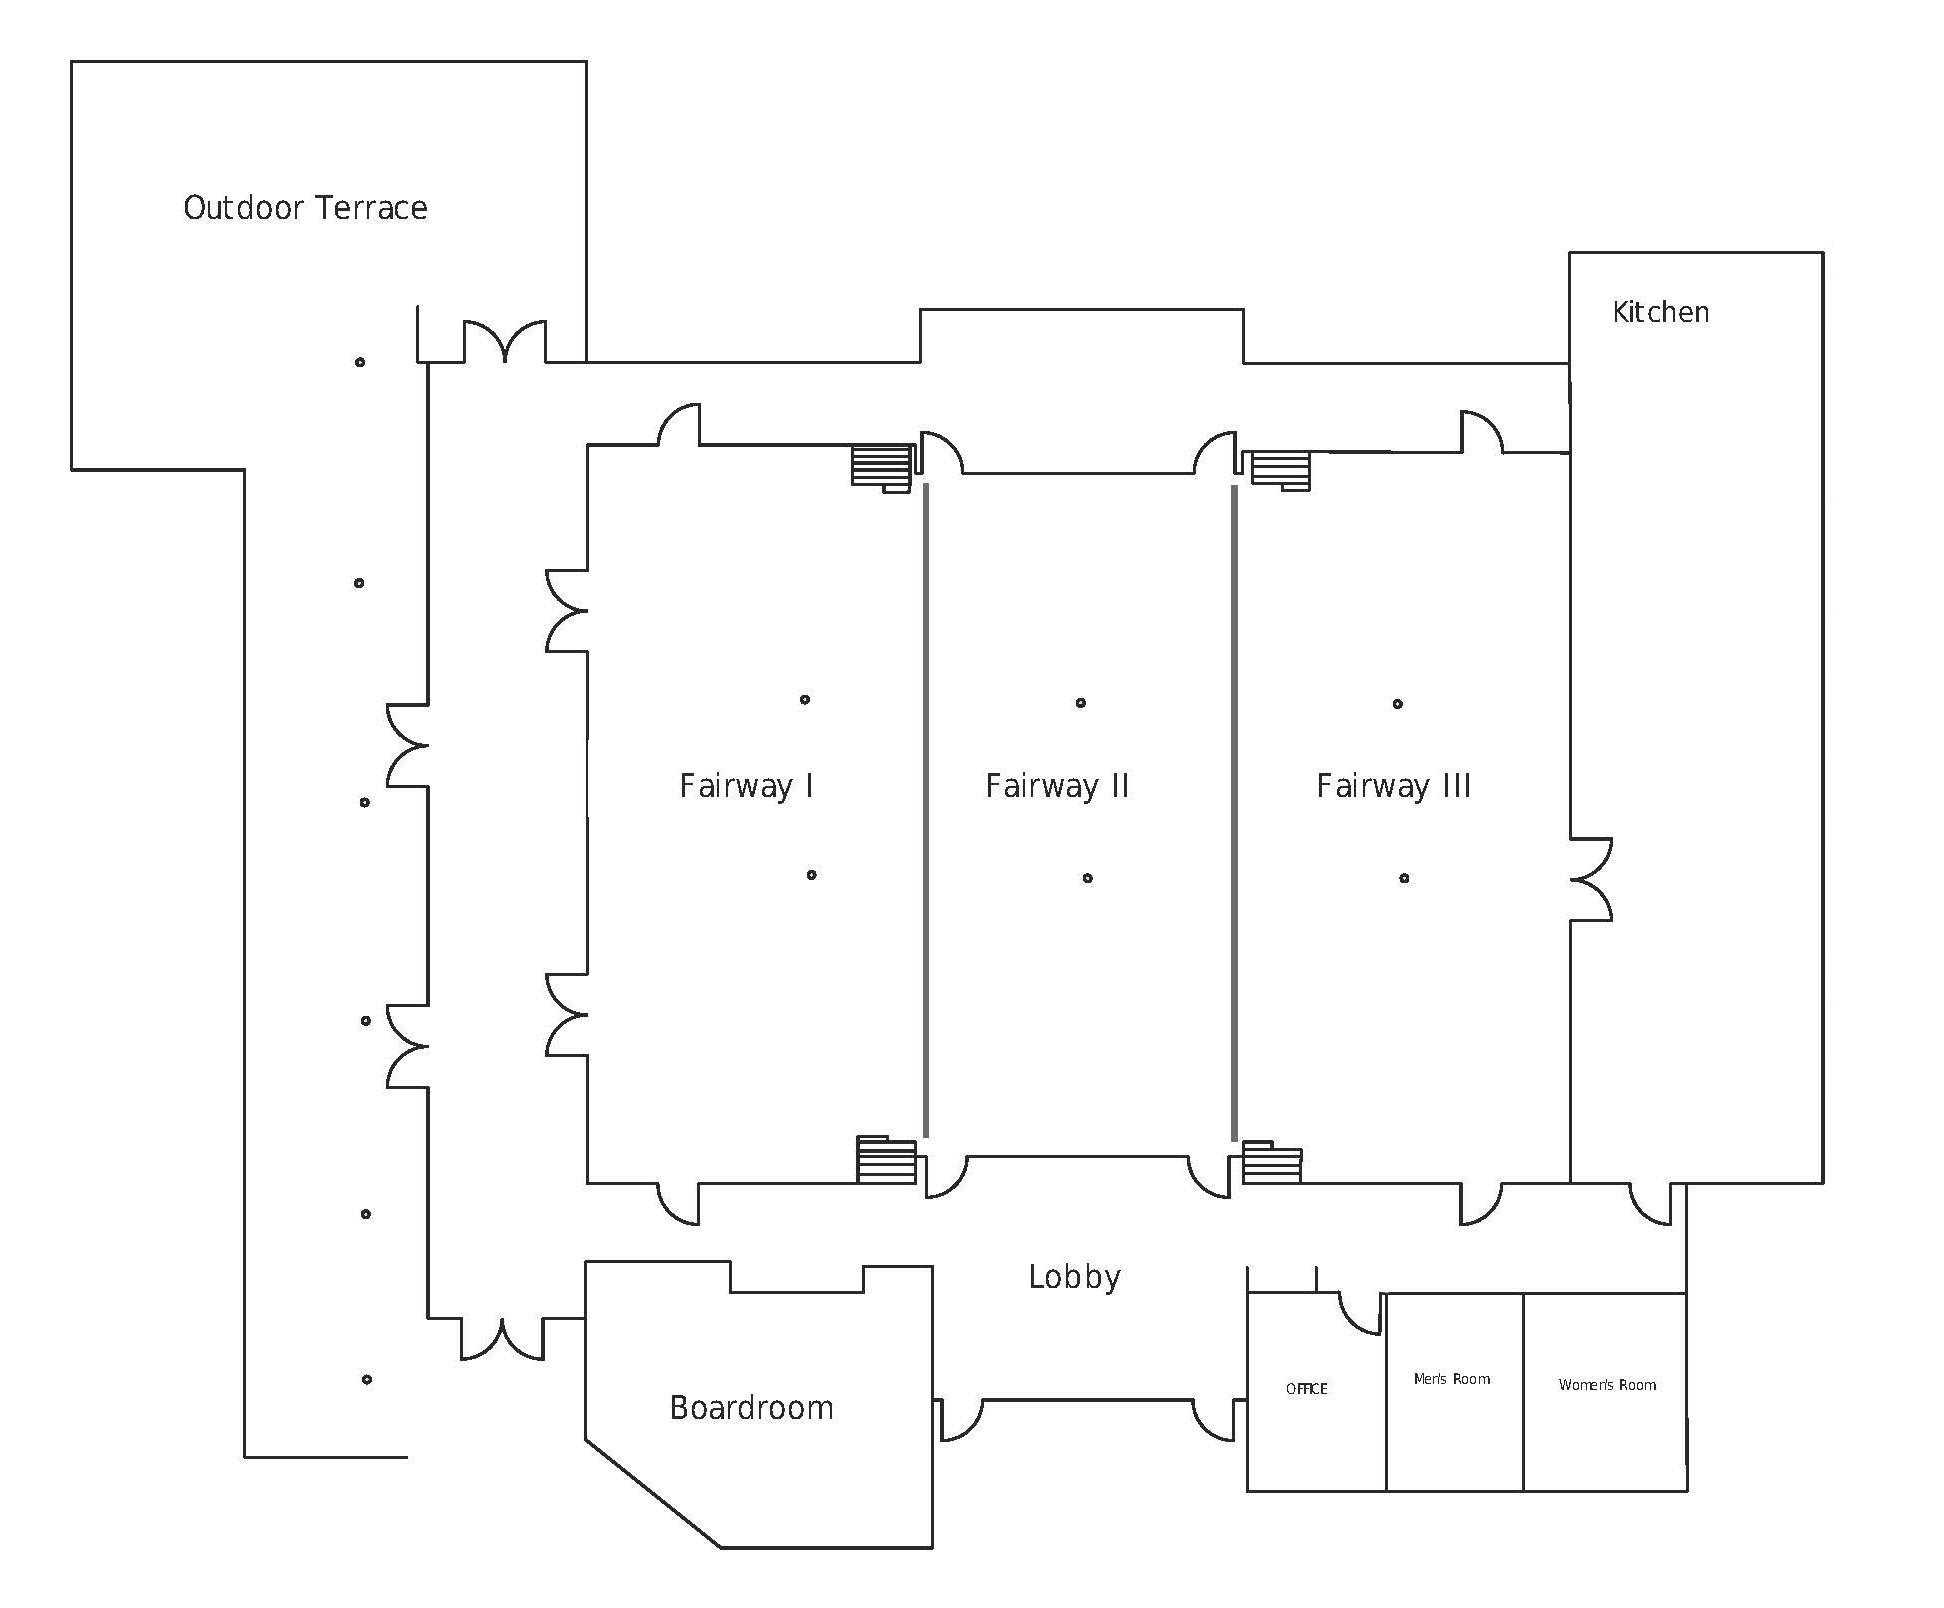 Building Diagram & Specs